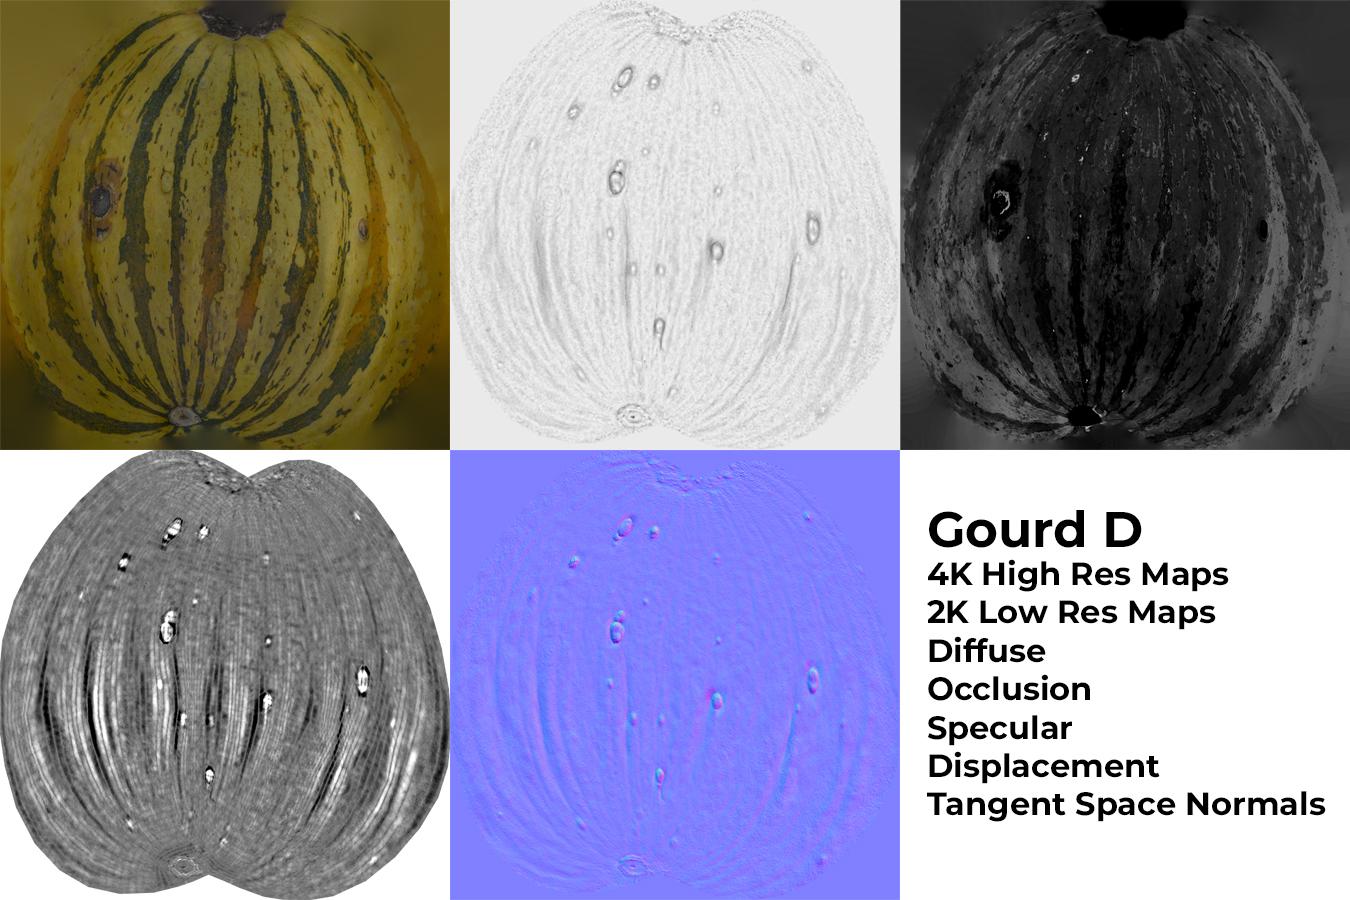 Gourd D Materials